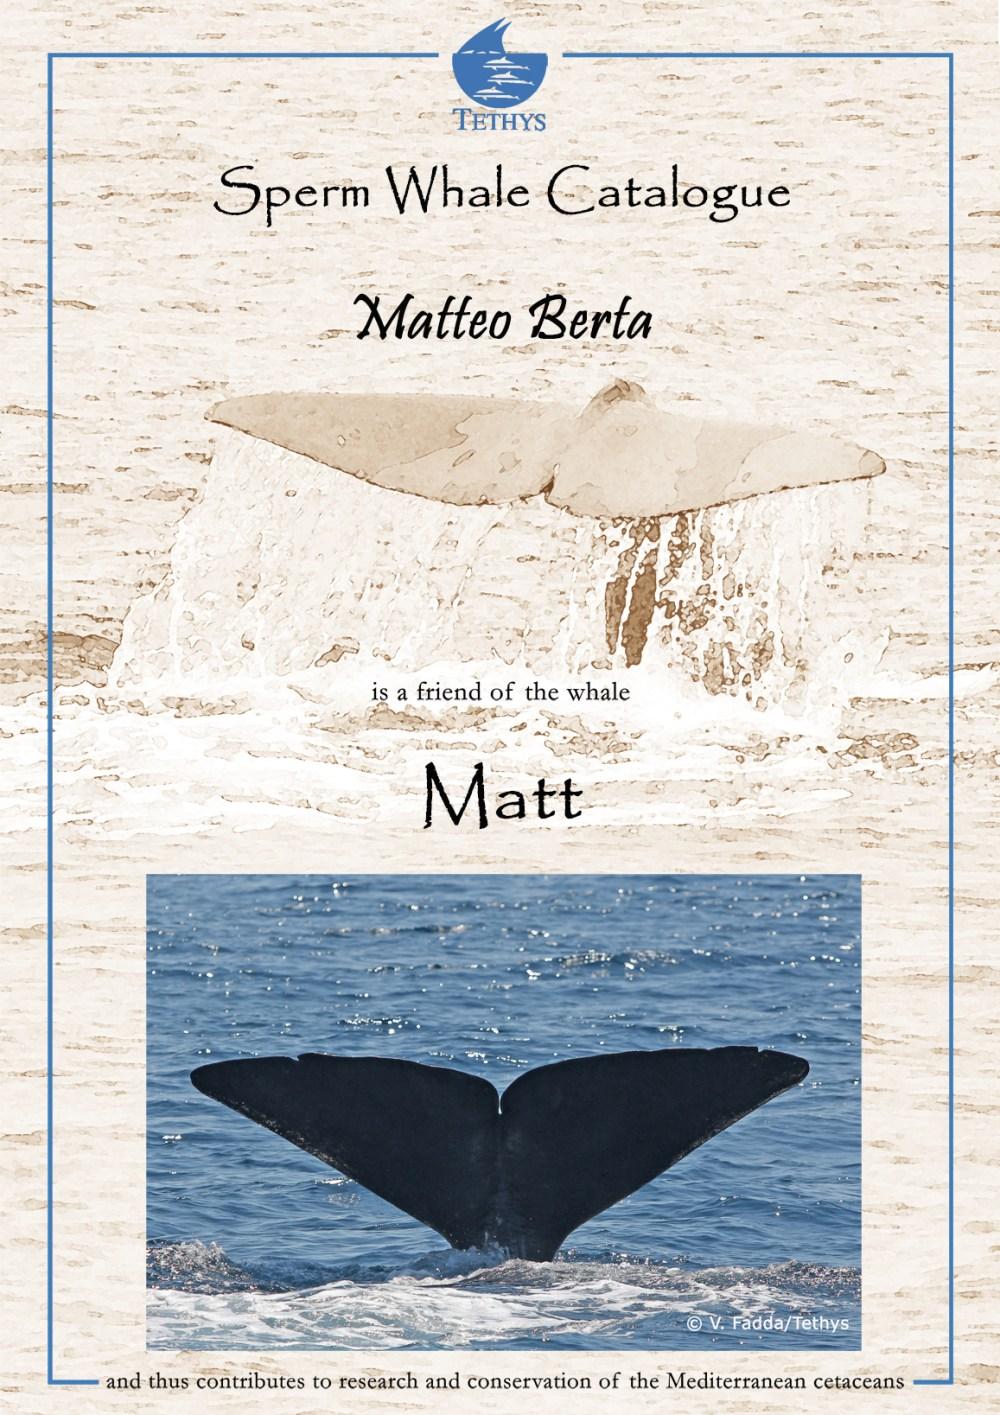 cert_Matt_Matteo Berta.jpg